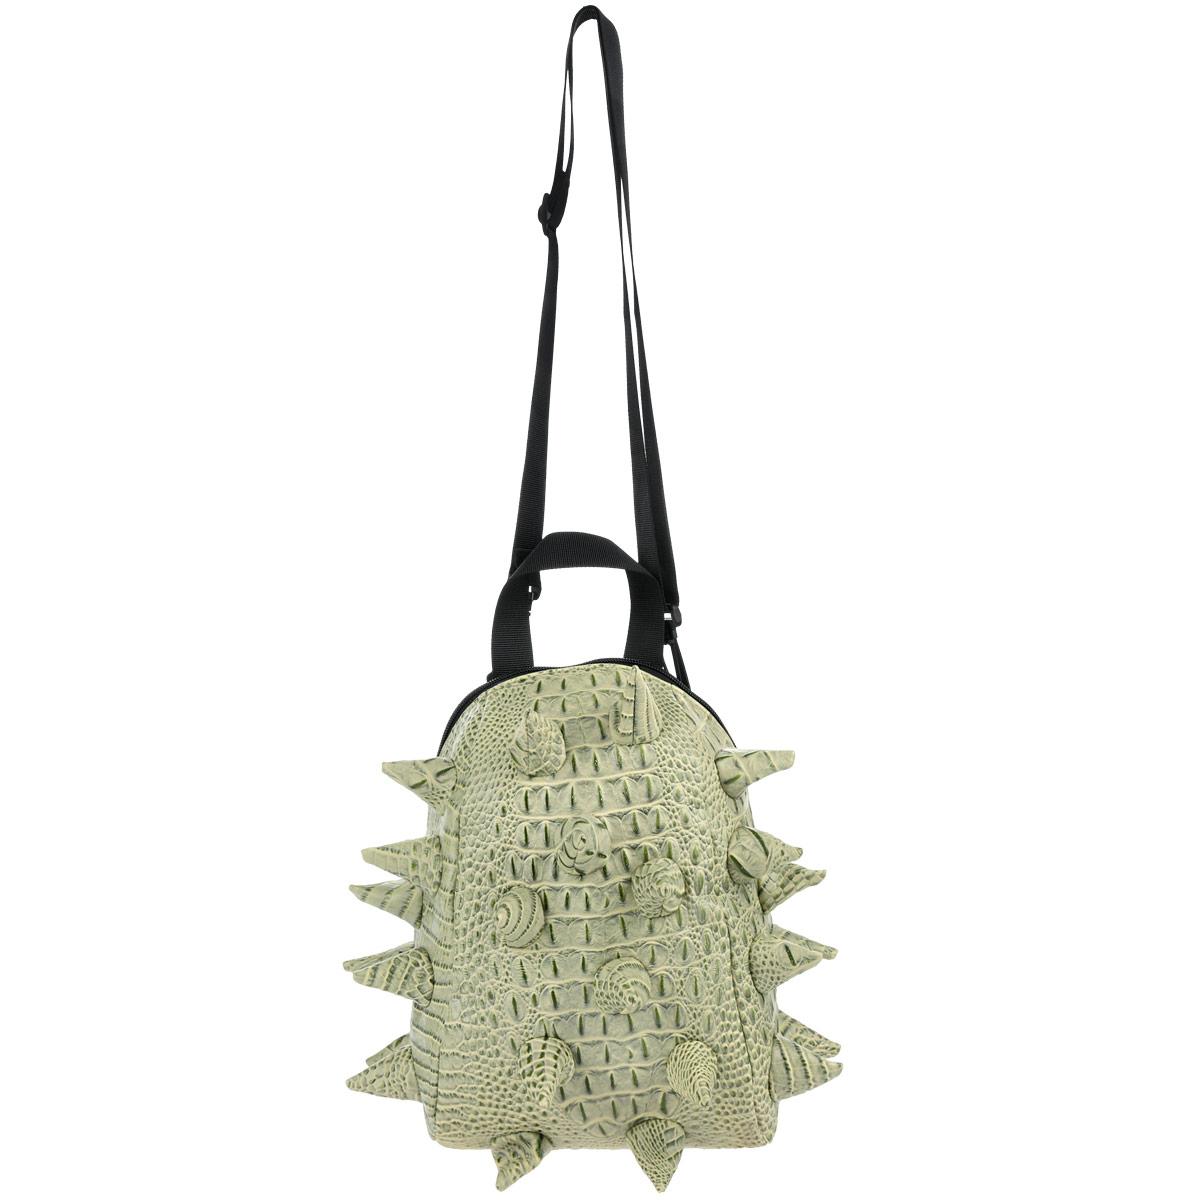 MadPax Рюкзак детский Gator Nibbler цвет салатовый зеленый89855Детский рюкзак Gator Nibbler обязательно понравится вашей малышке, и она с удовольствием будет носить в нем любимые вещи или игрушки. Рюкзак сделан из современных полимерных материалов (поливинил) - эффект натуральной, грубо выделанной шкуры рептилии. Поверхность рюкзака декорирована конусообразными вставками из того же материала, что и основная. Рюкзак состоит из одного вместительного отделения на молнии, внутри которого имеется крепление для напитков в виде небольшой боковой перегородки-сетки. На задней стенке рюкзак дополнен небольшим карманом-окошком для контактной информации. К изделию прилагаются мягкие плечевые ремни с несколькими пряжками для надежной фиксации. Рюкзак оснащен ручкой для переноски. Подкладка нейлоновая - рюкзак легко чистится, и сохраняет форму, защищая содержимое.